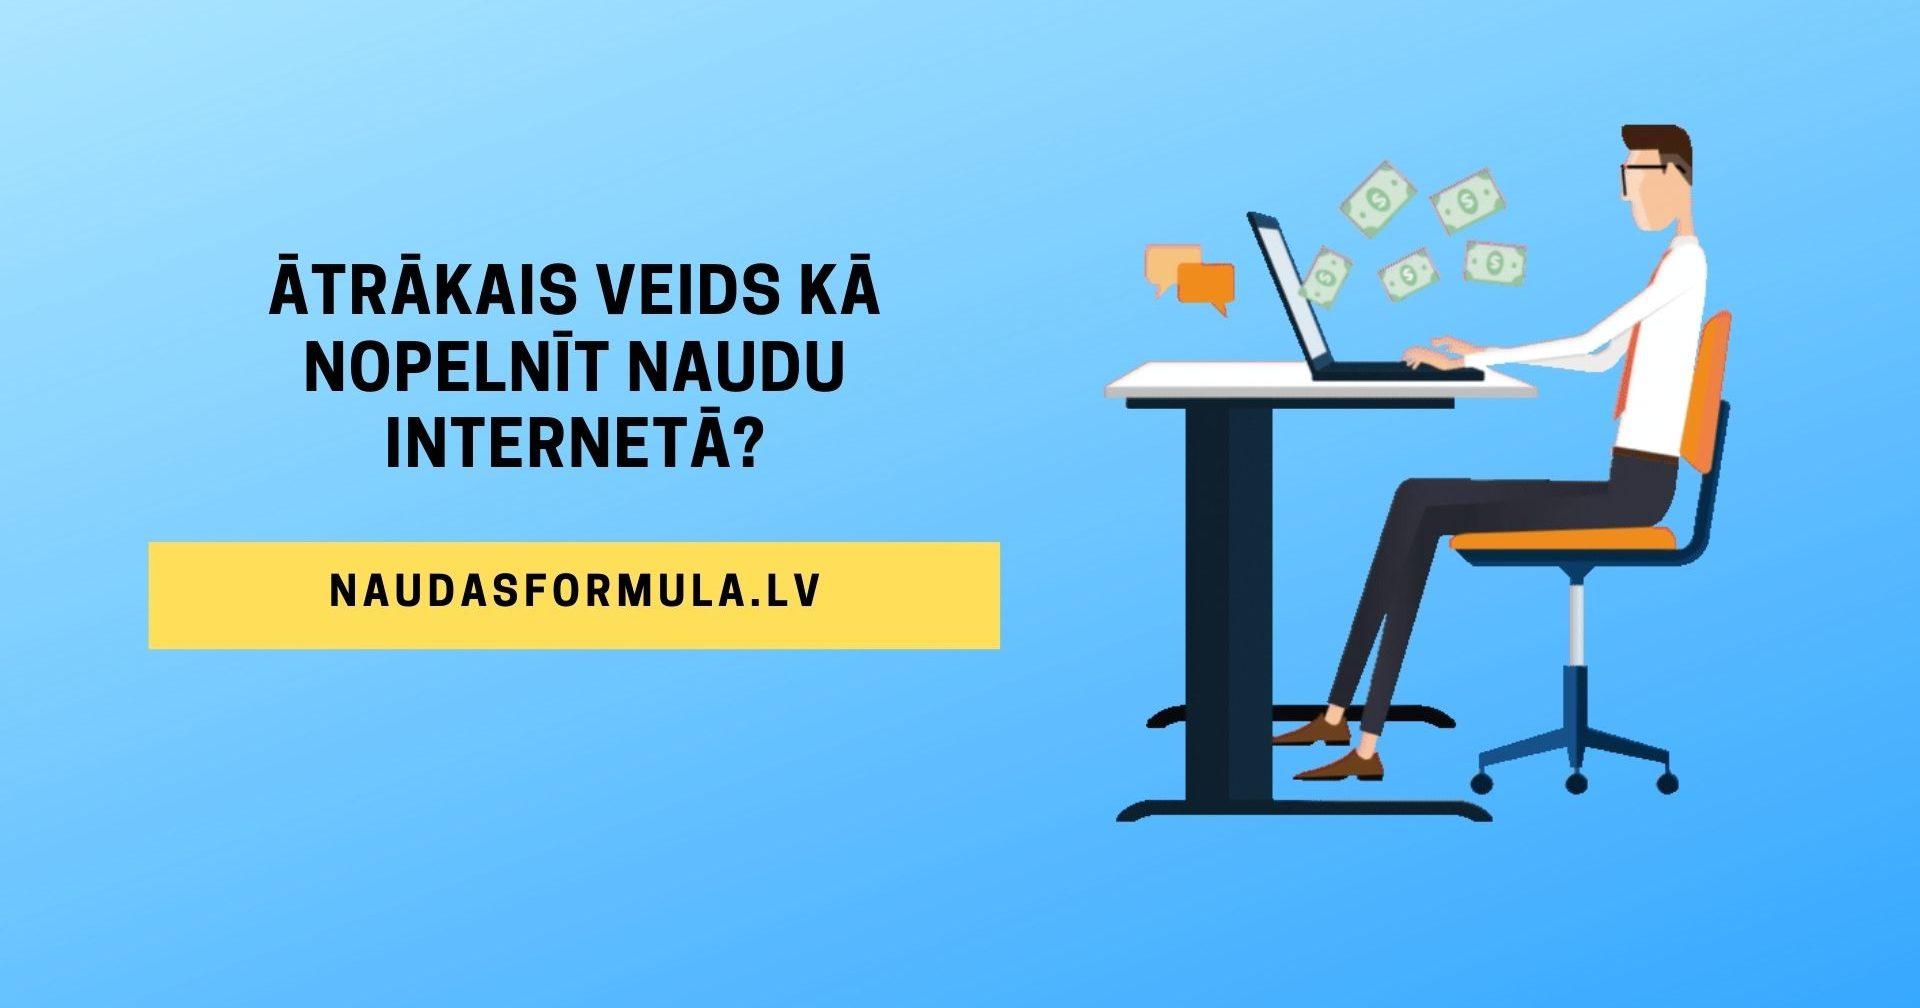 Kā nopelnīt naudu internetā? - webzona.lv